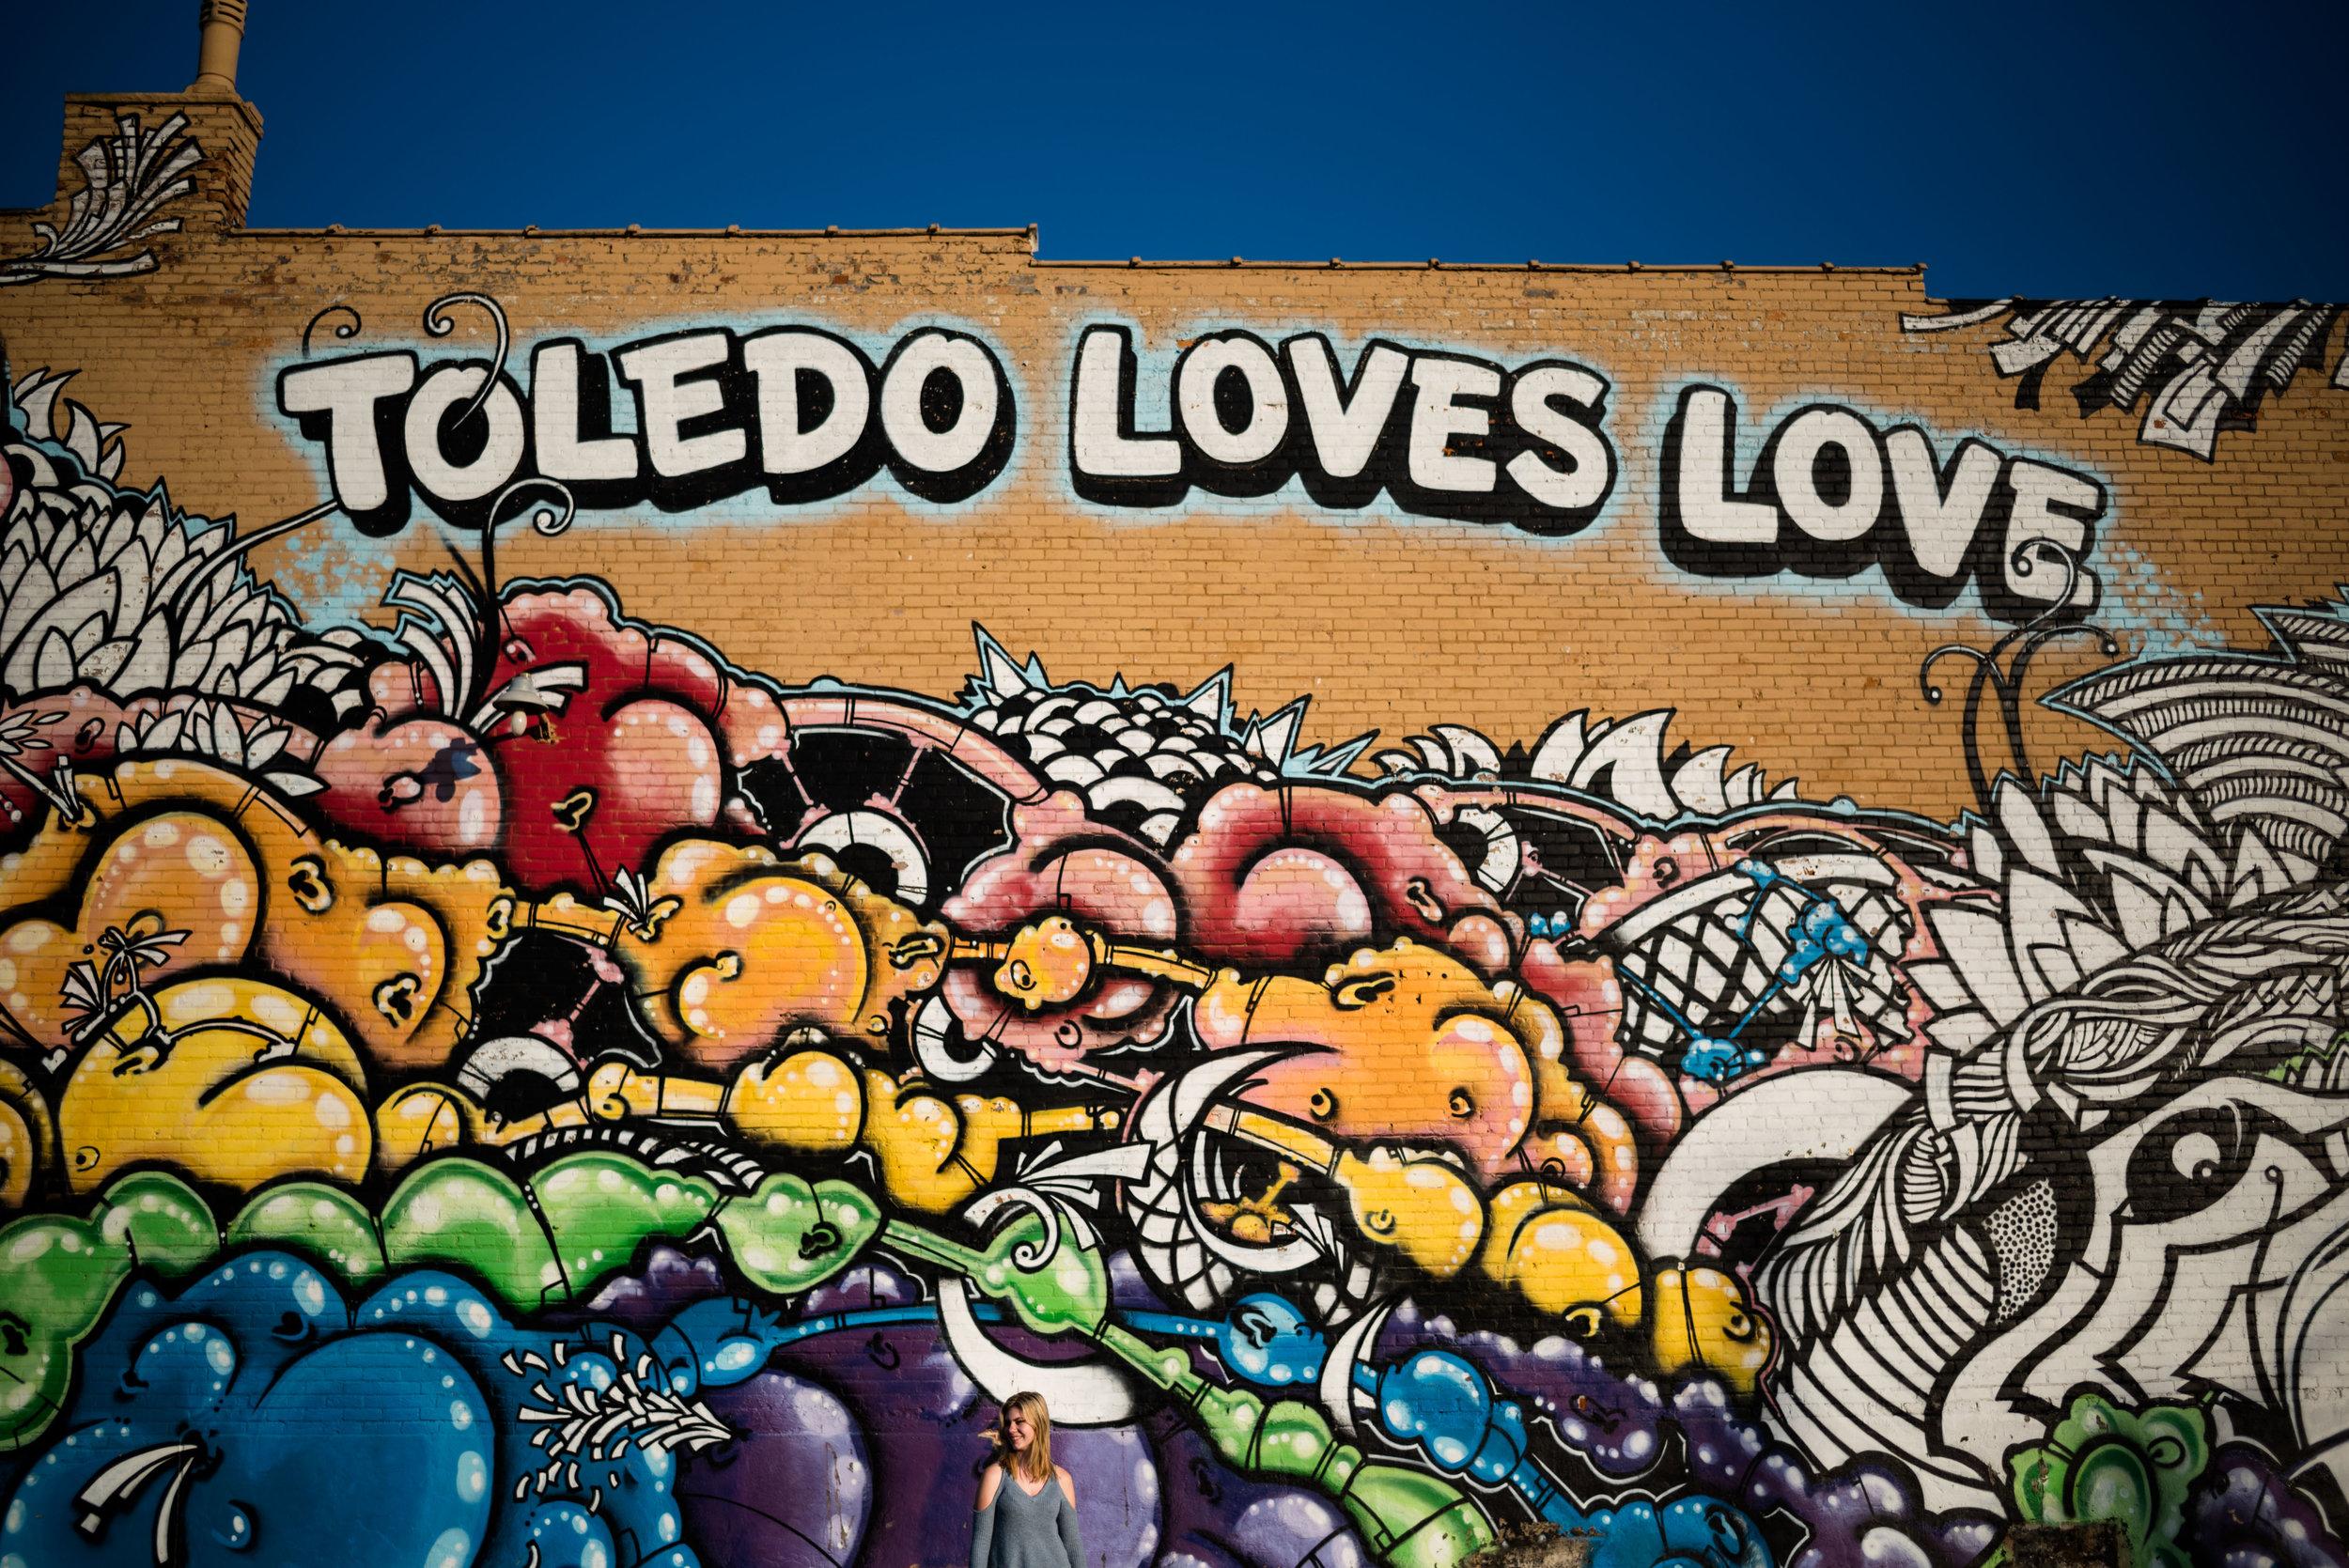 toledo loves love mural